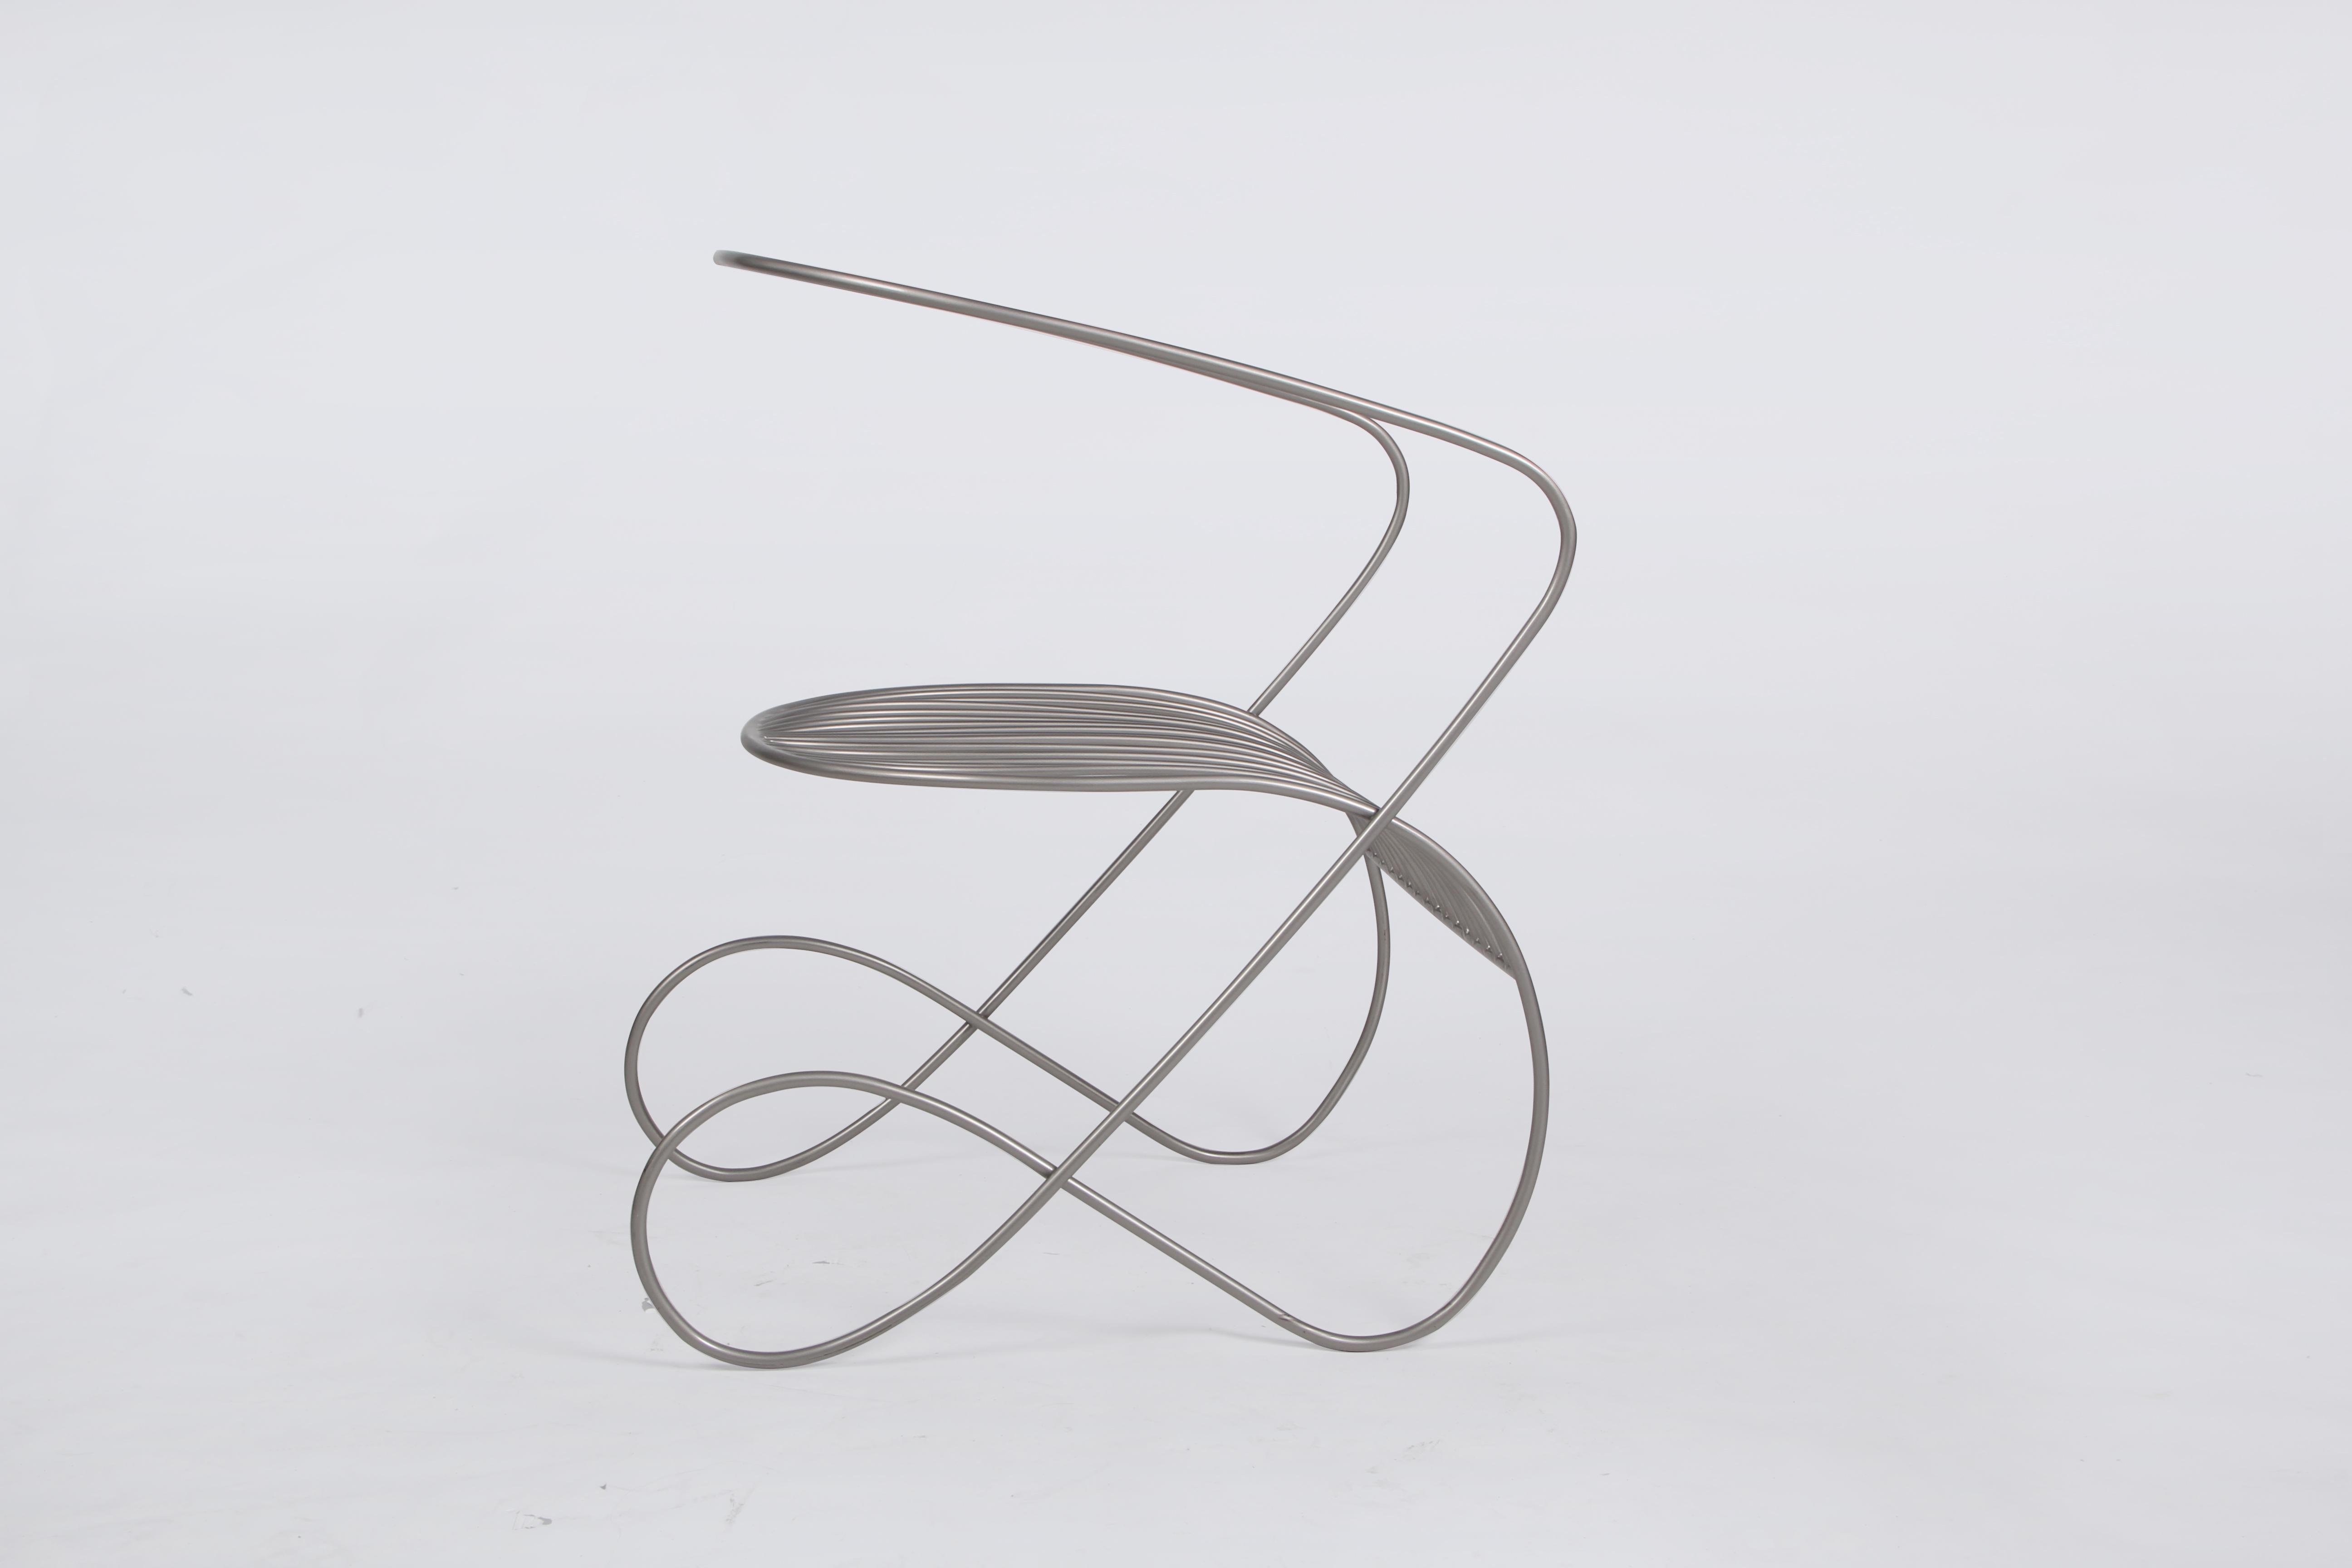 《flow chair》中国结元素图片